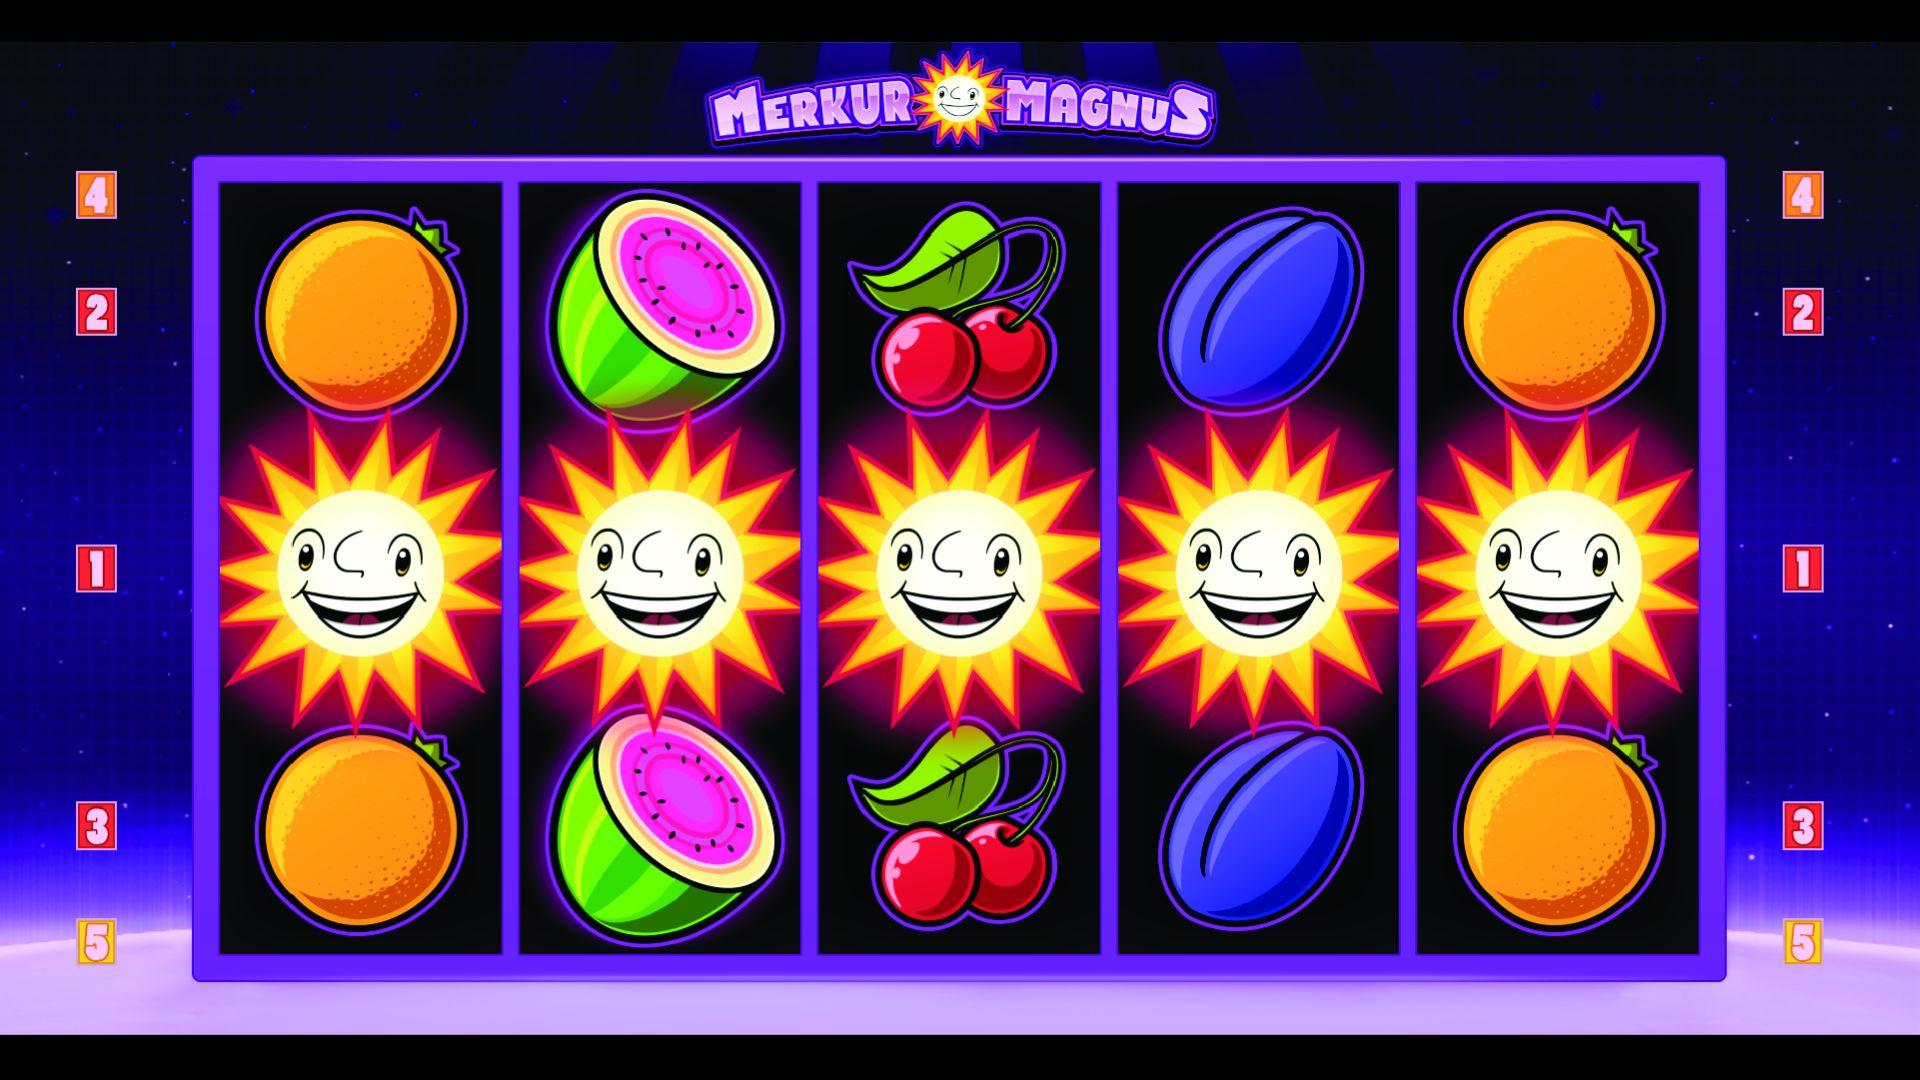 58 Merkur Online Casino Spiele: Kostenlos & Echtgeld